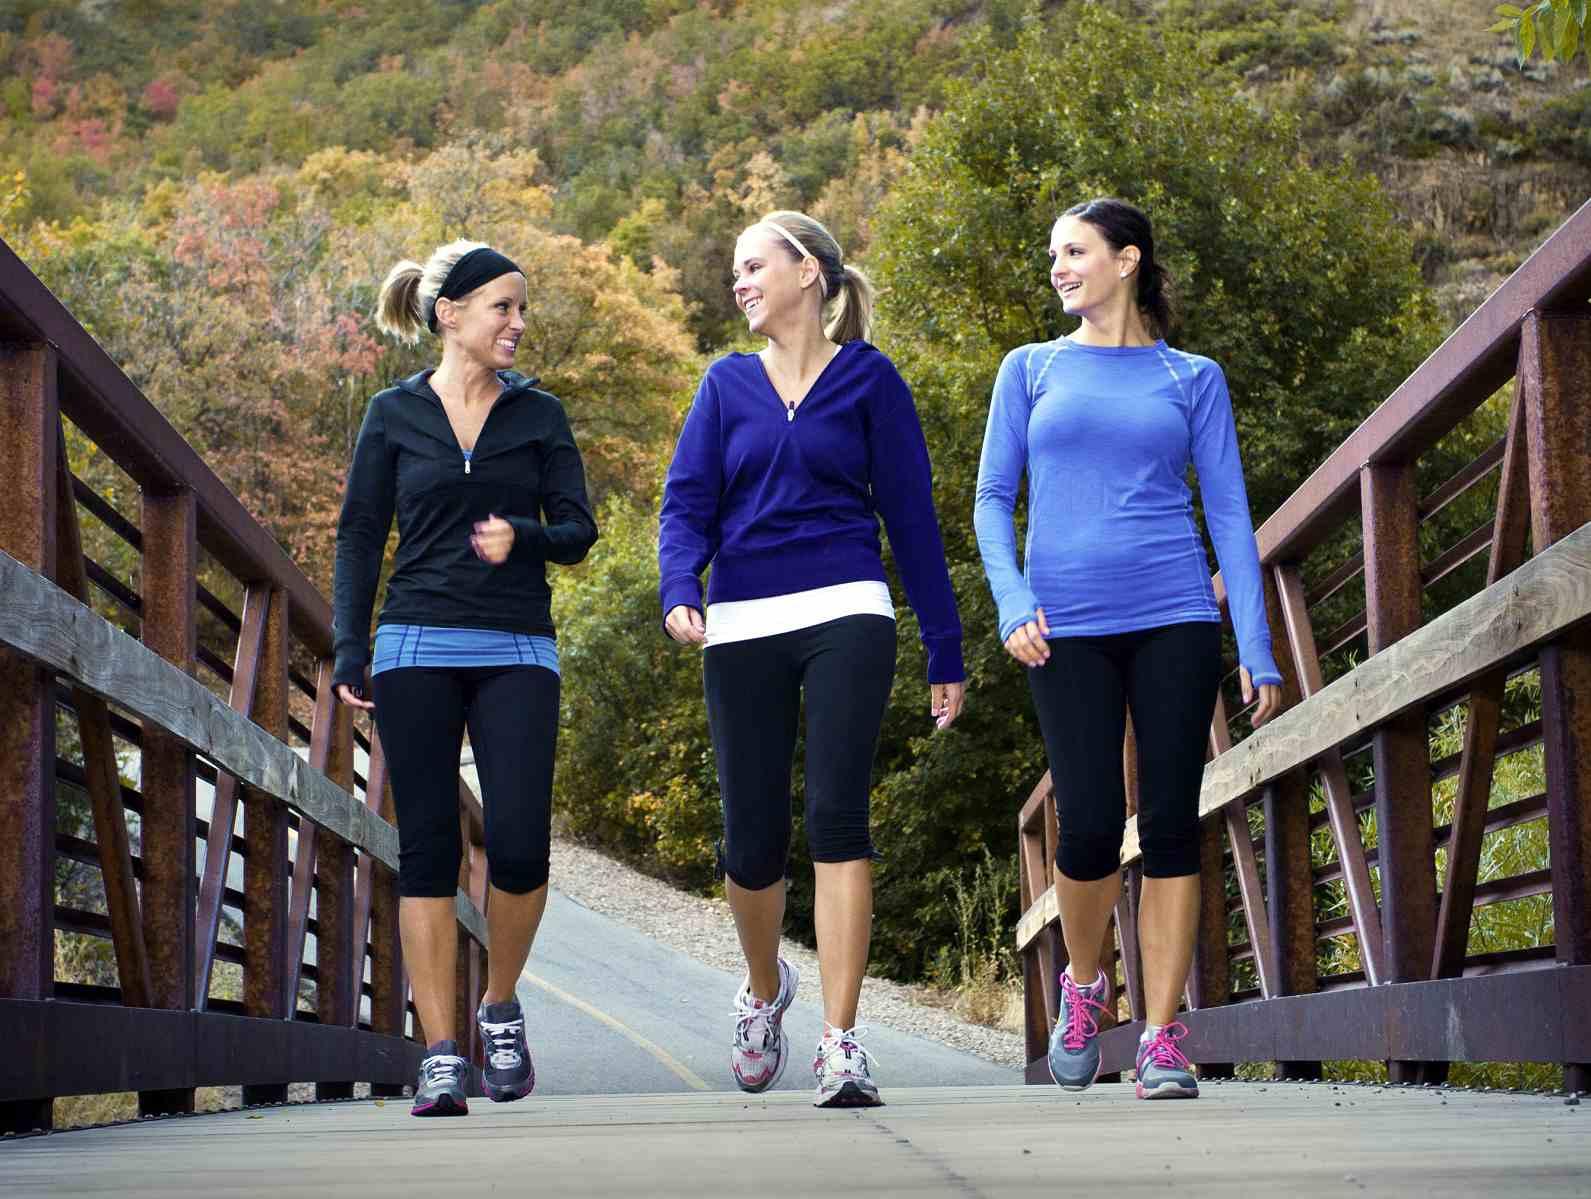 Tres jóvenes mujeres caminando